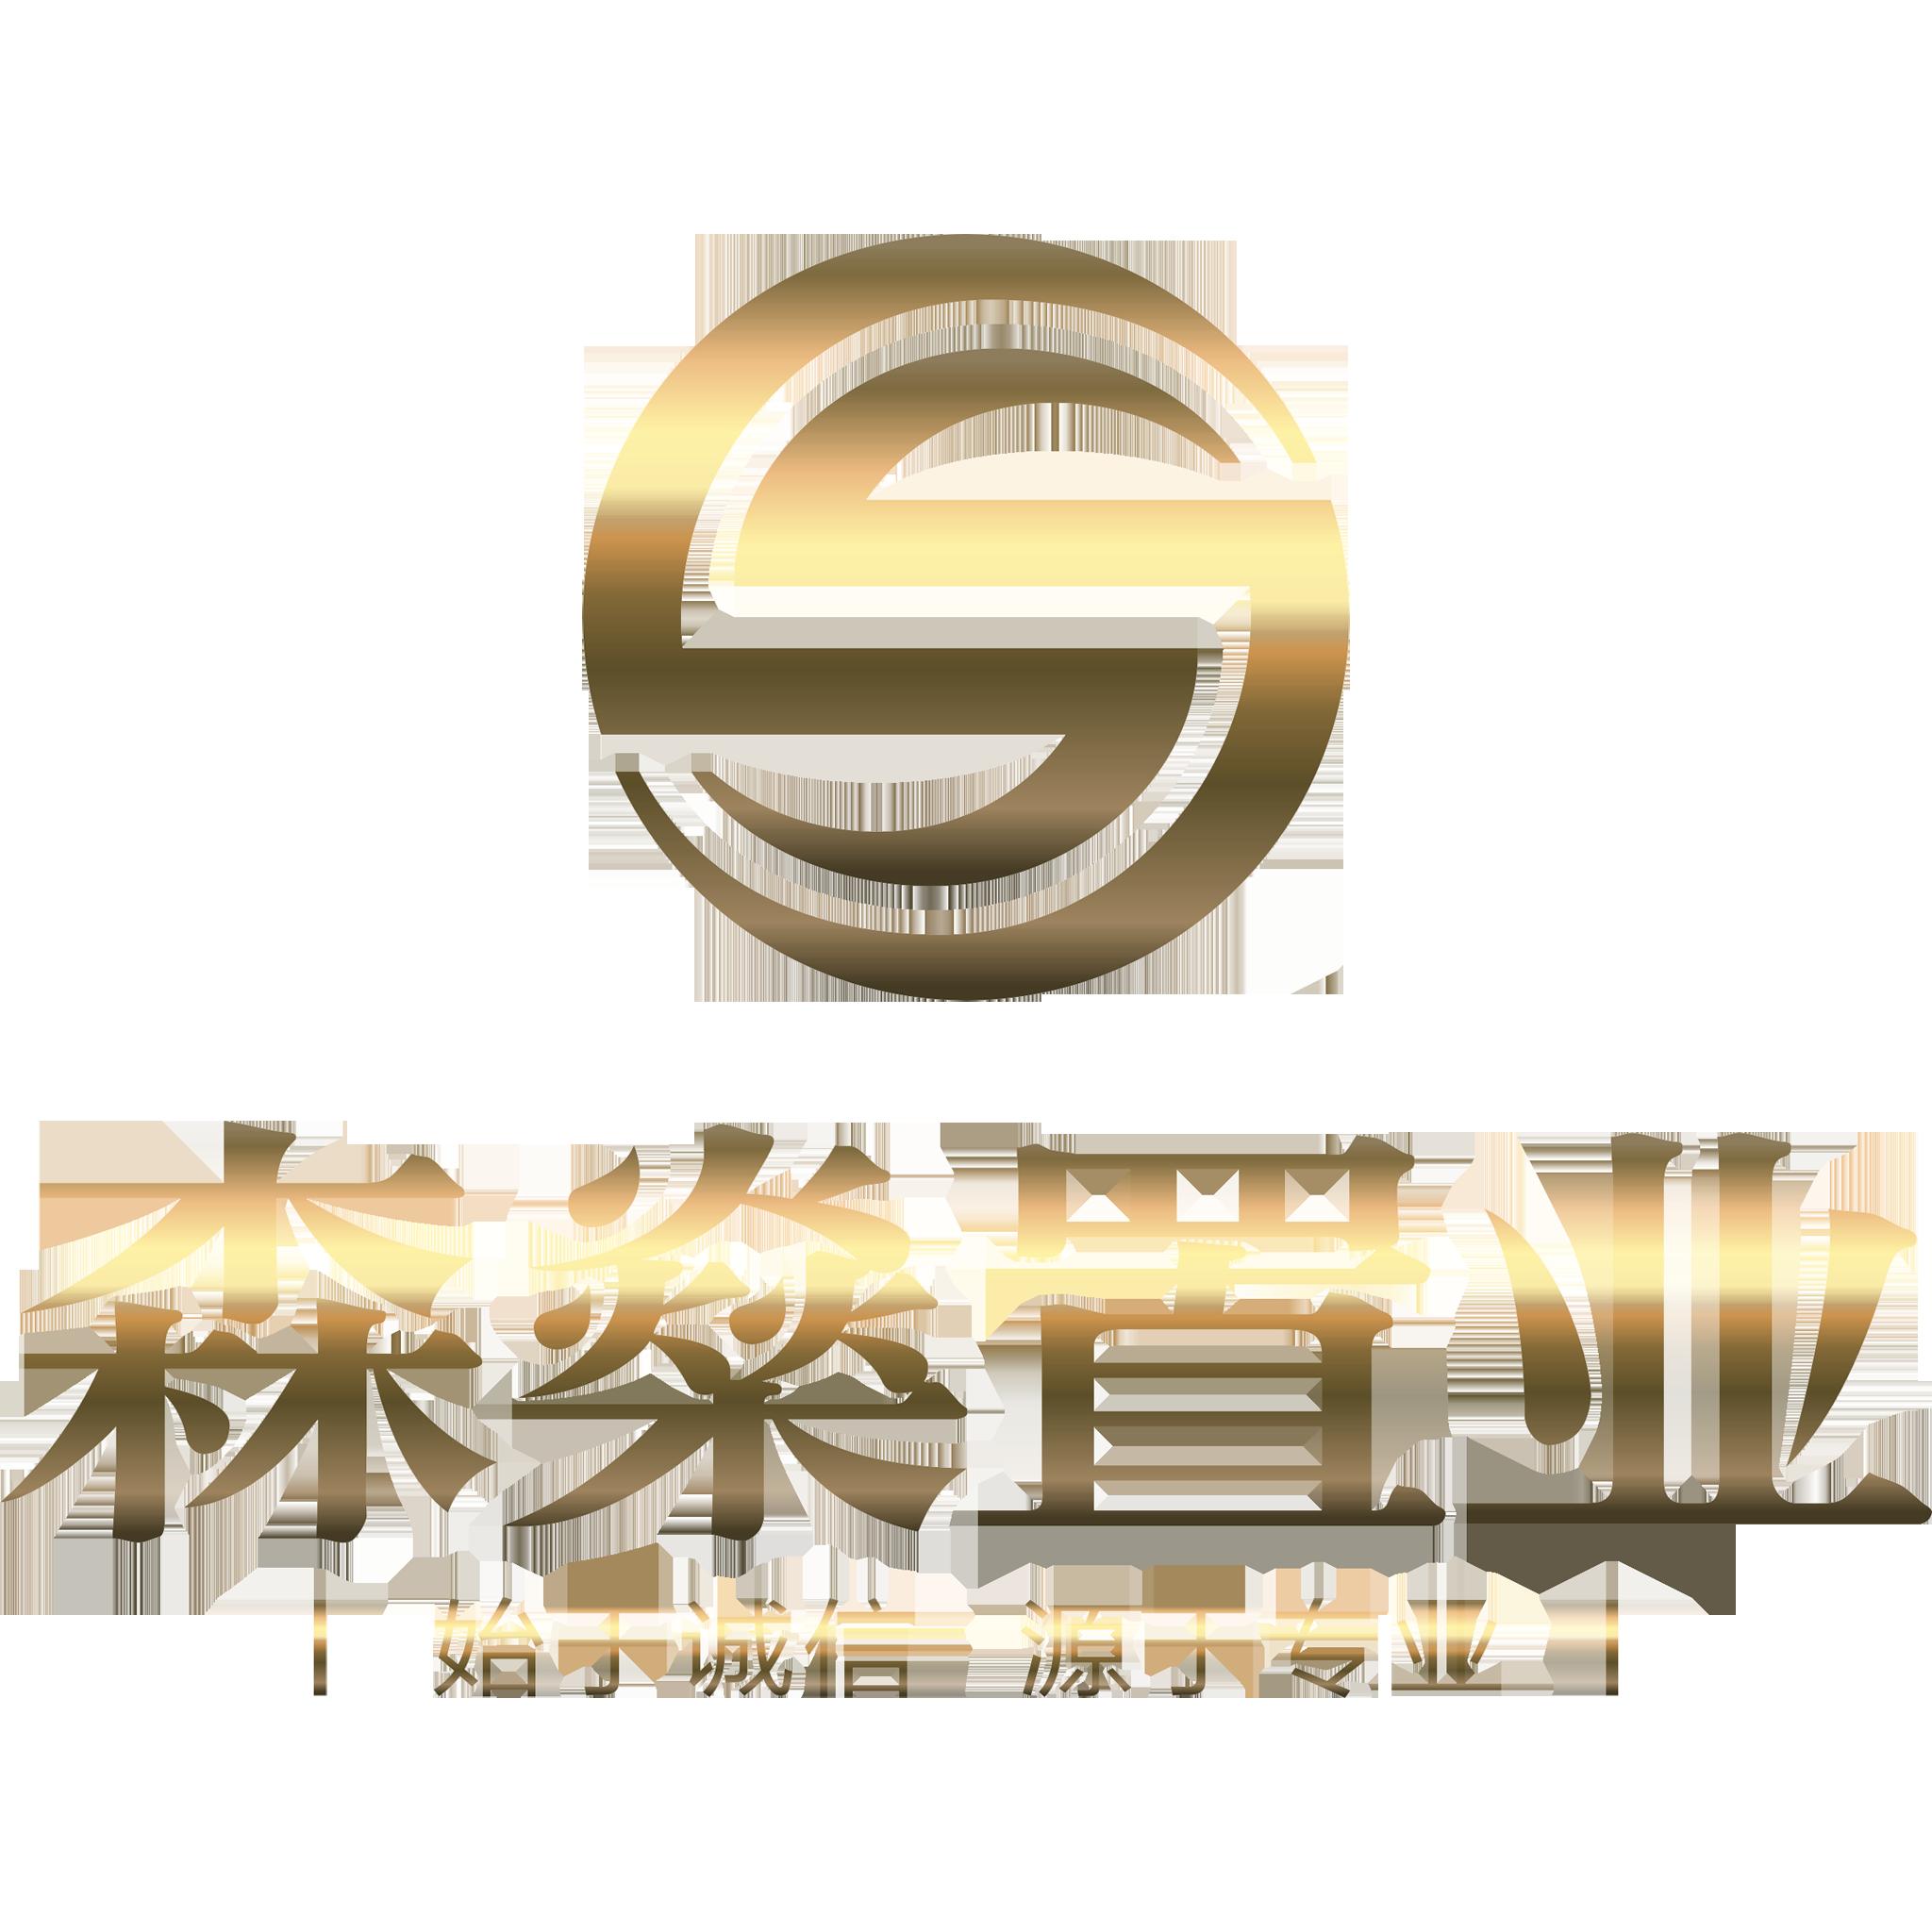 【森燊置业】柳州森燊置业投资有限公司招聘:公司标志 logo